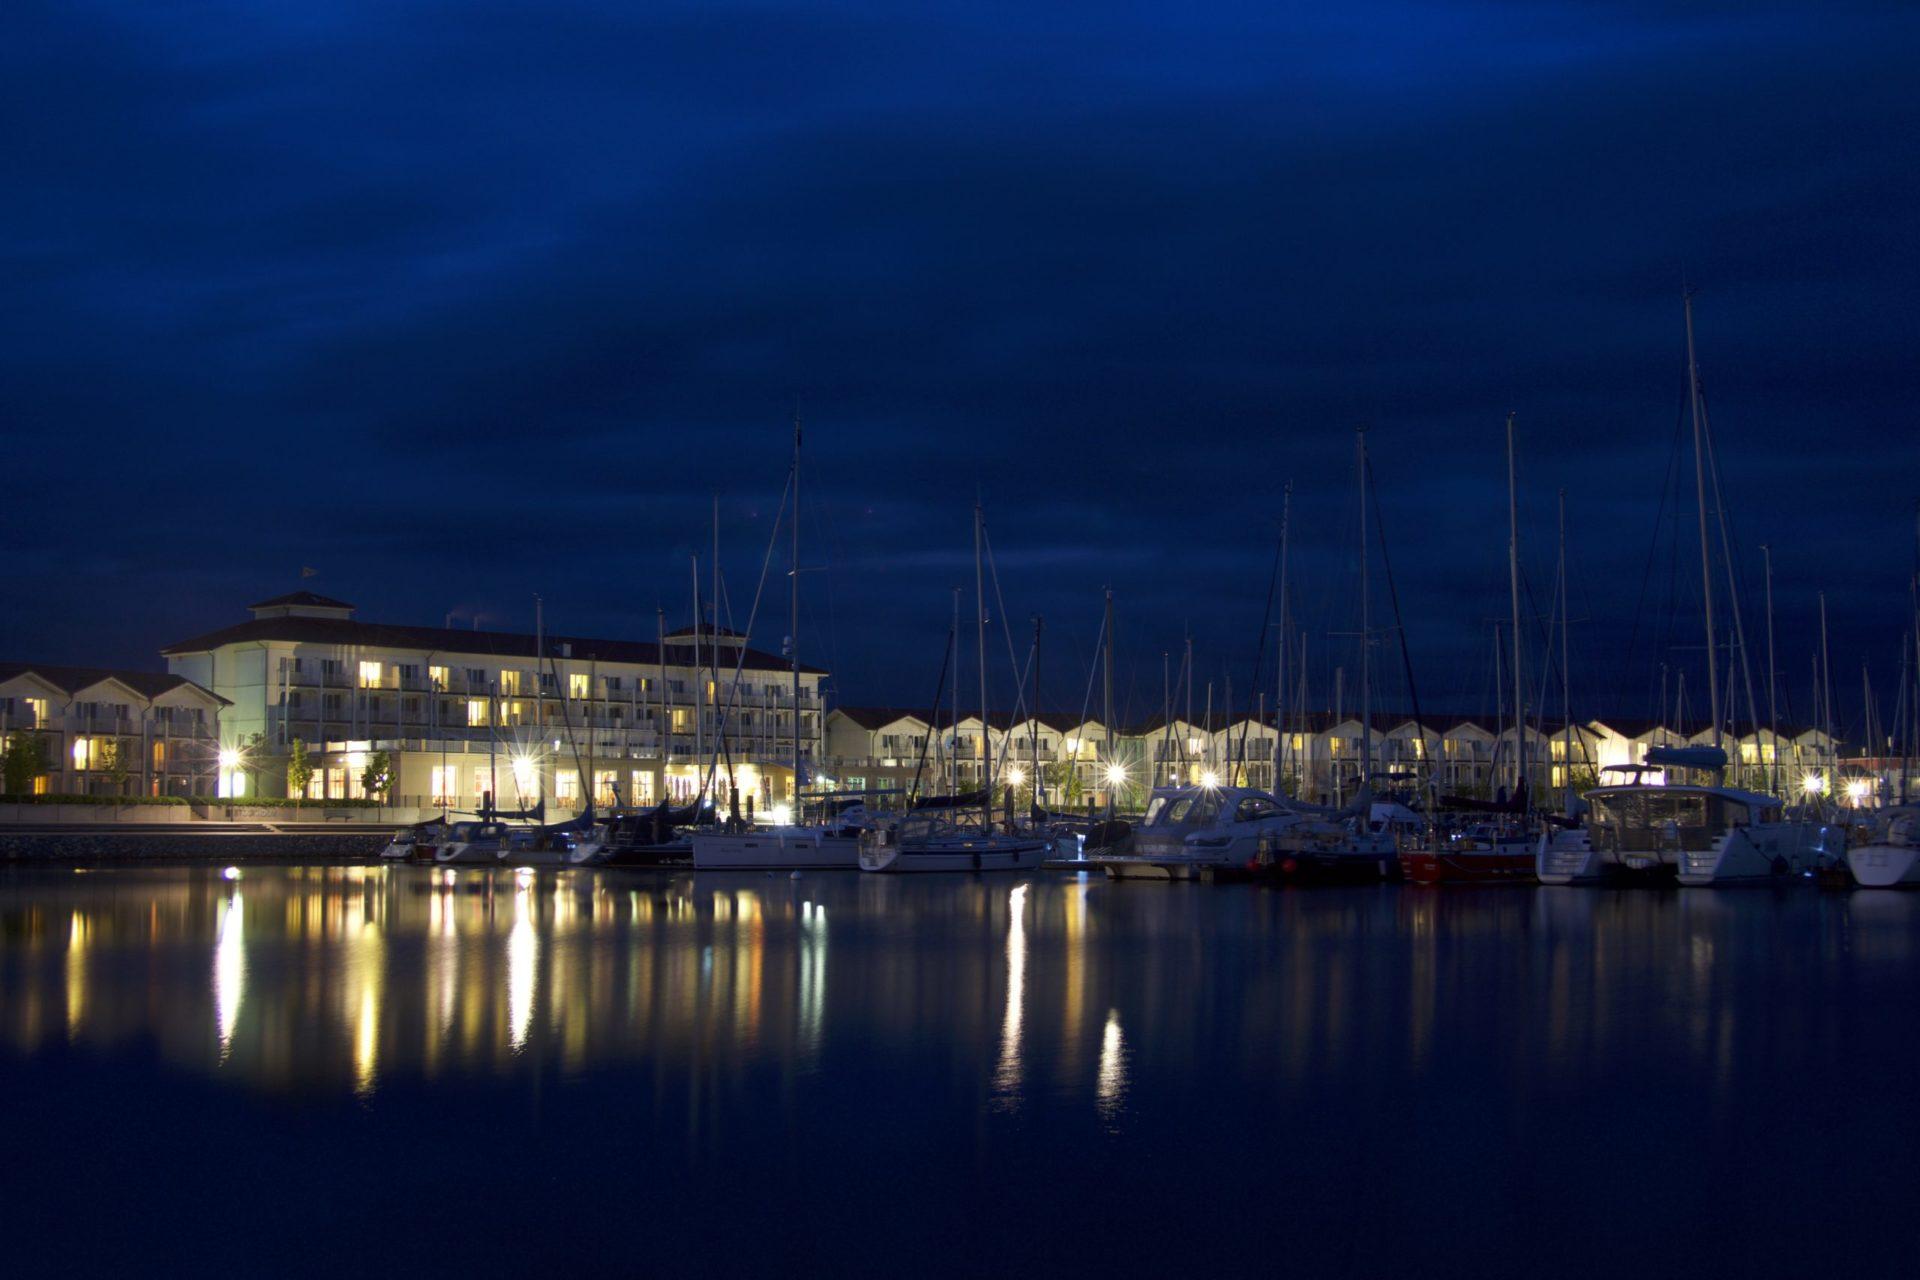 Wassertemperatur Boltenhagen: Ferienwohnungen und Iberotel Boltenhagen mit Hafen bei Nacht